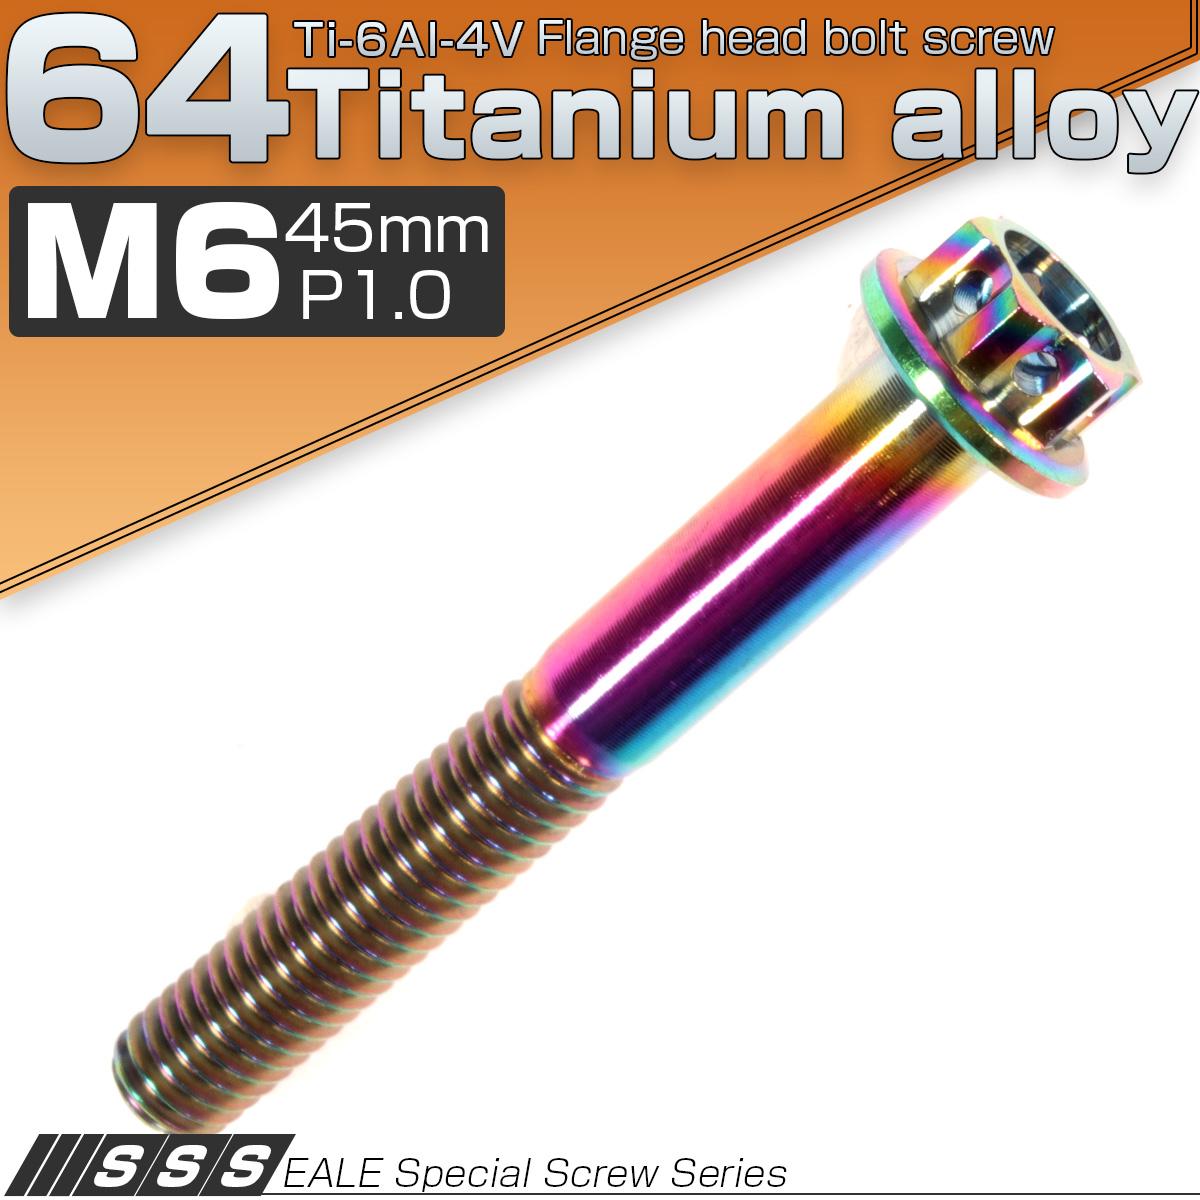 64チタン製 M6×45mm P1.00 六角ボルト フランジ付き カッティングヘッド 焼きチタン風 虹色 Ti6AI-4V JA059